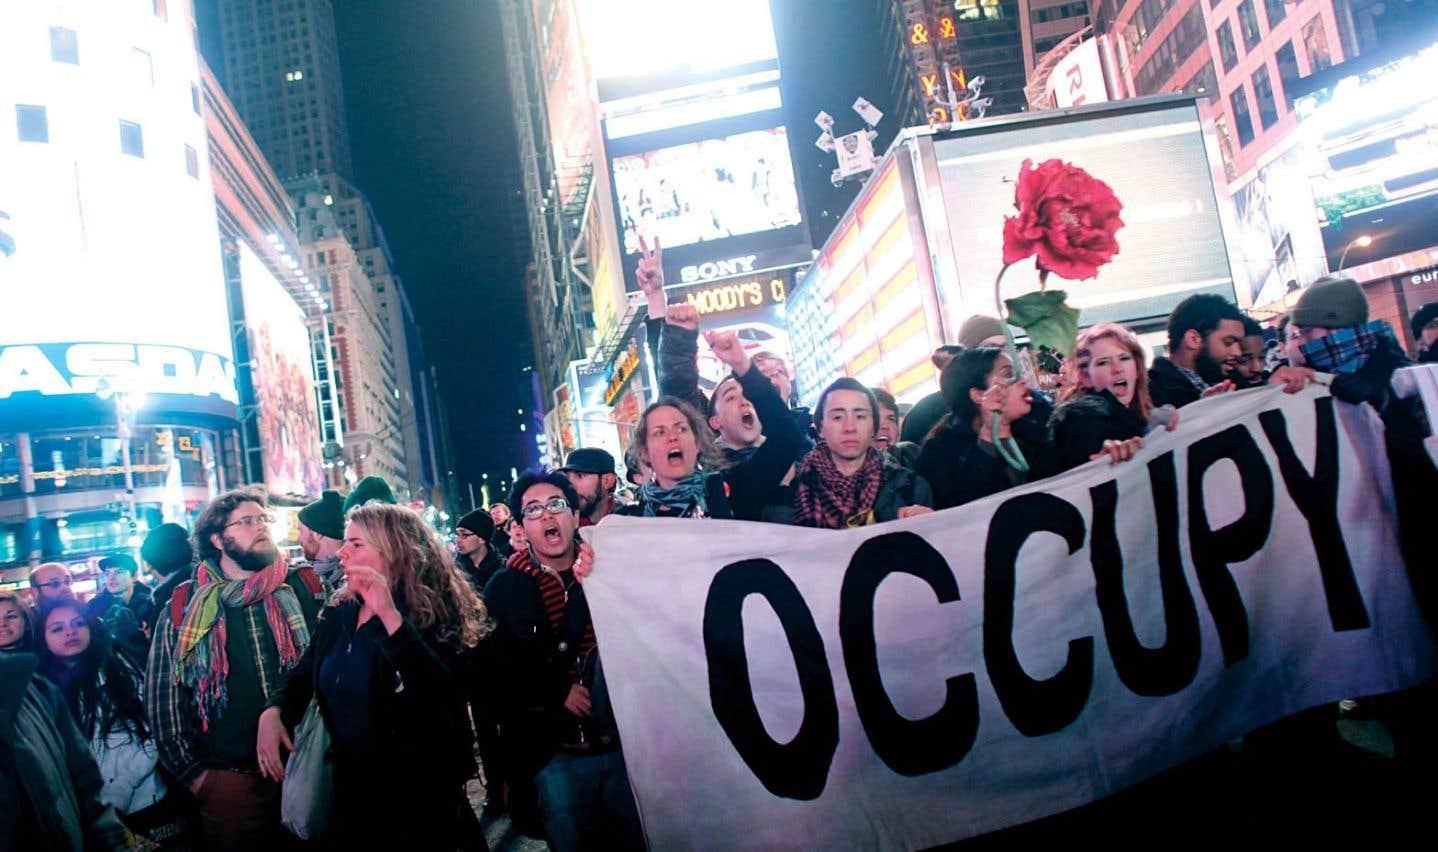 Des activistes d'Occupy Wall Street défilent à Times Square en décembre2011 pour souligner les trois mois du mouvement.